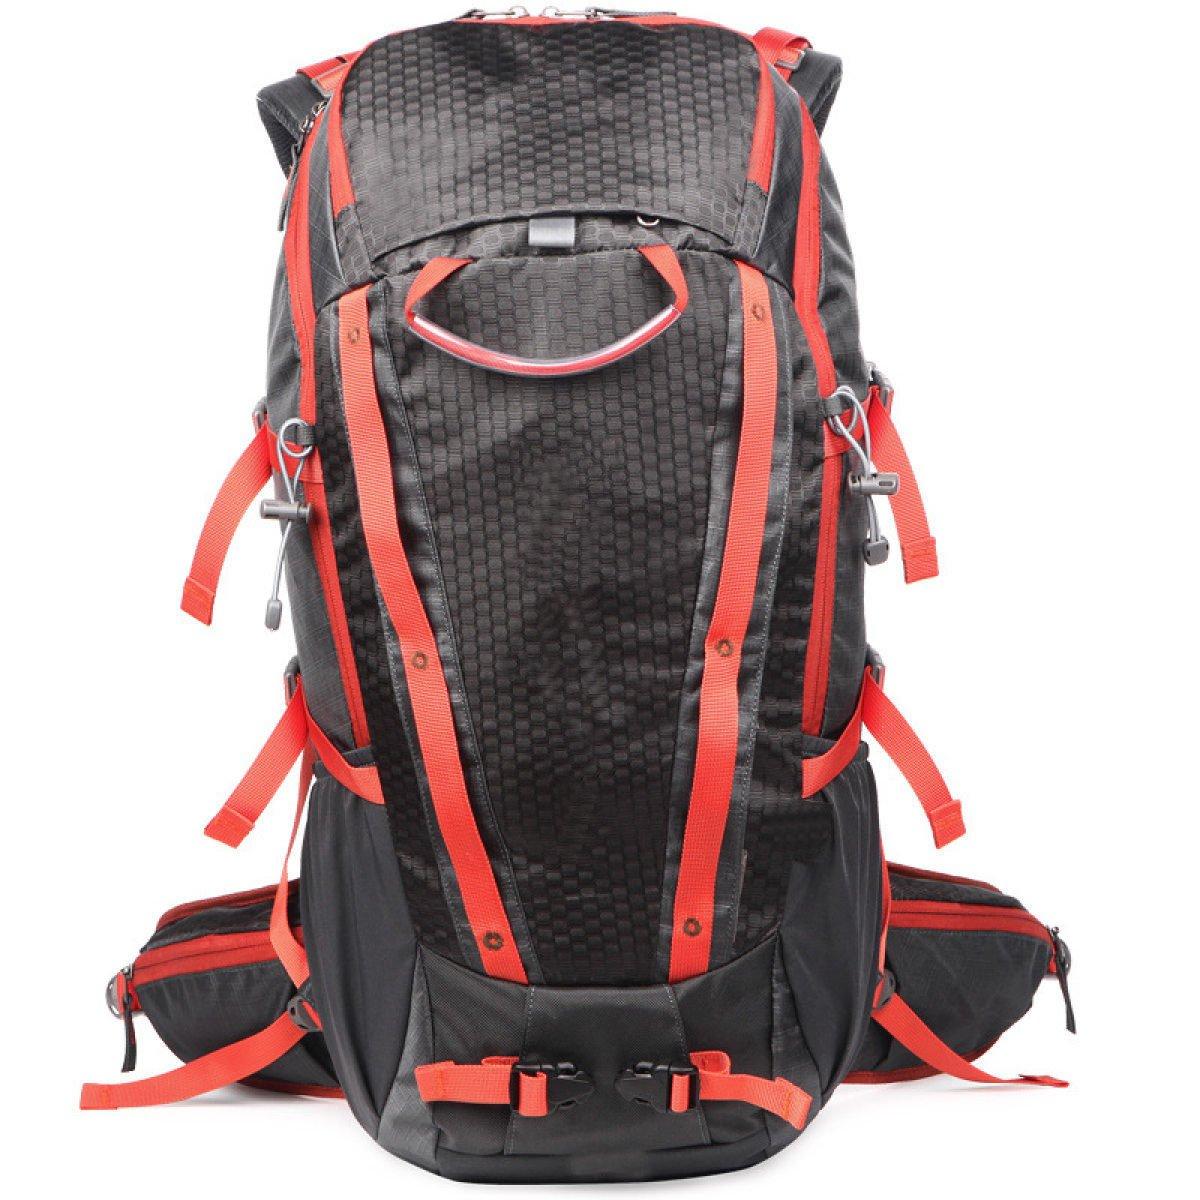 f6e85ef38f Sport e tempo libero Juchen Zaino Vintage Durevole Zainetto Fashion Ragazzi  Zaini Scuola Portatile Uomo Casual Backpack Pelle Unisex Borse  Personalizzati